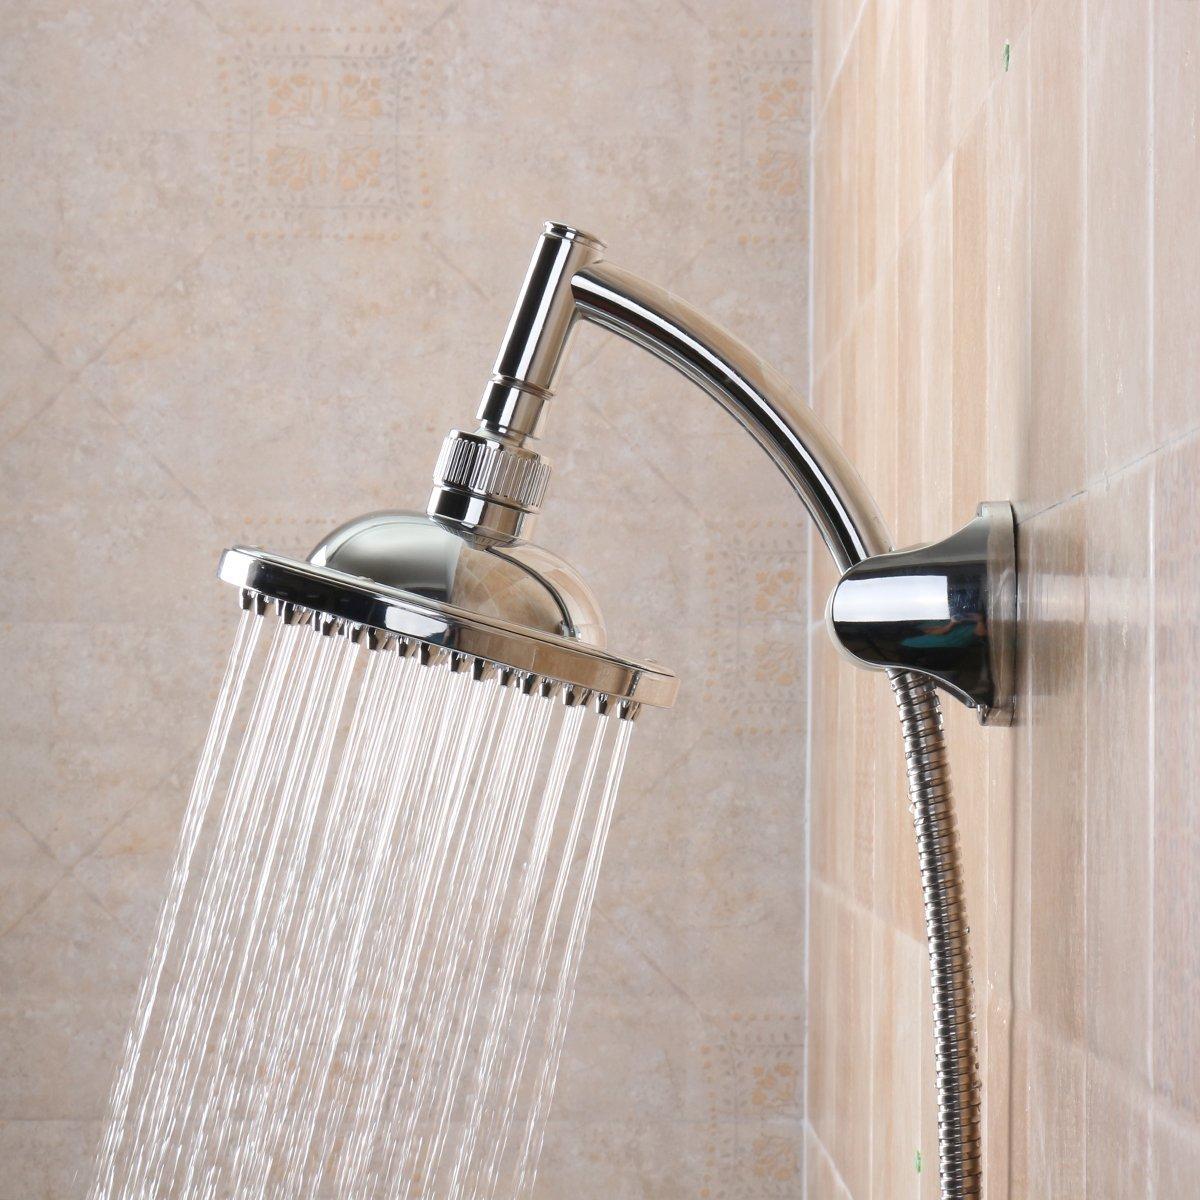 Buckstaff bath gay